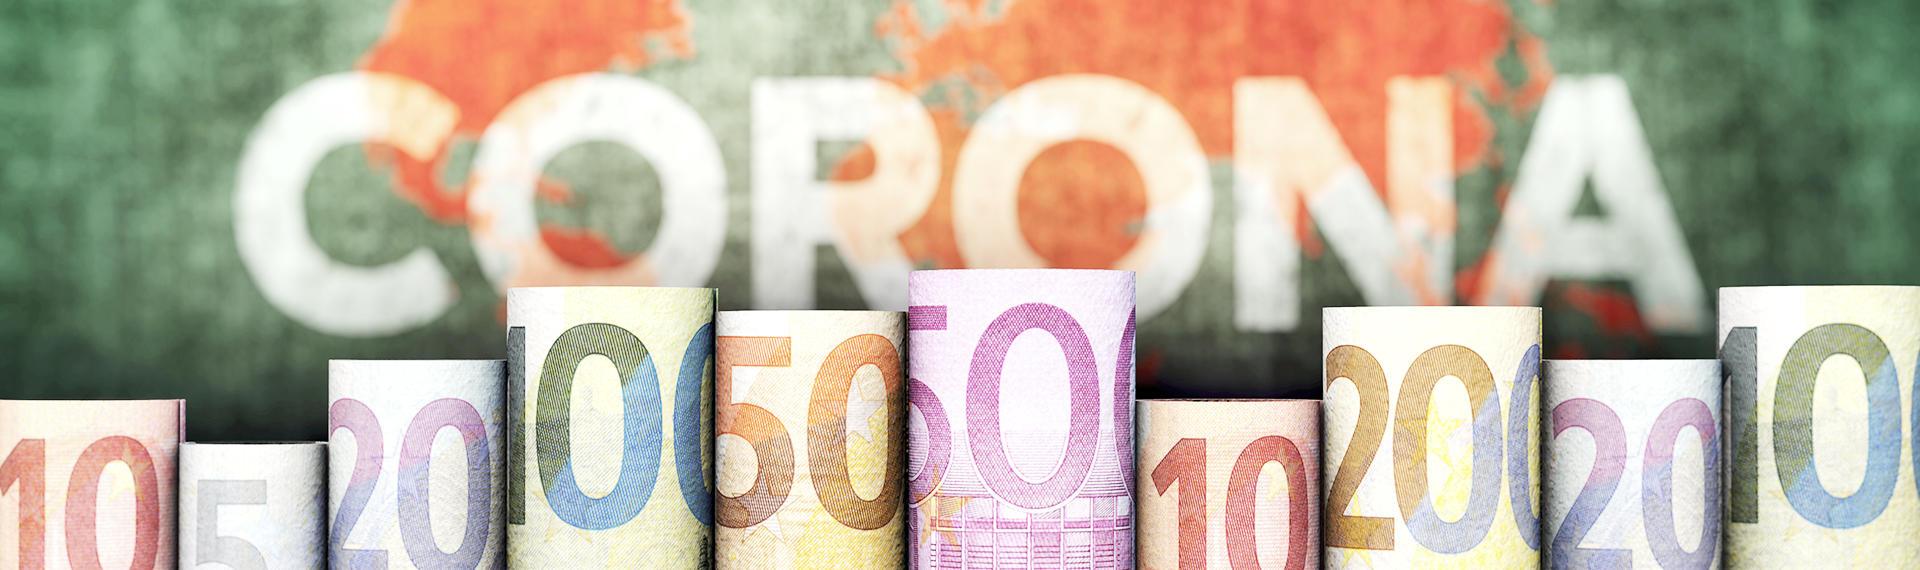 Soutenir l'économie, mais pour quels effets ?